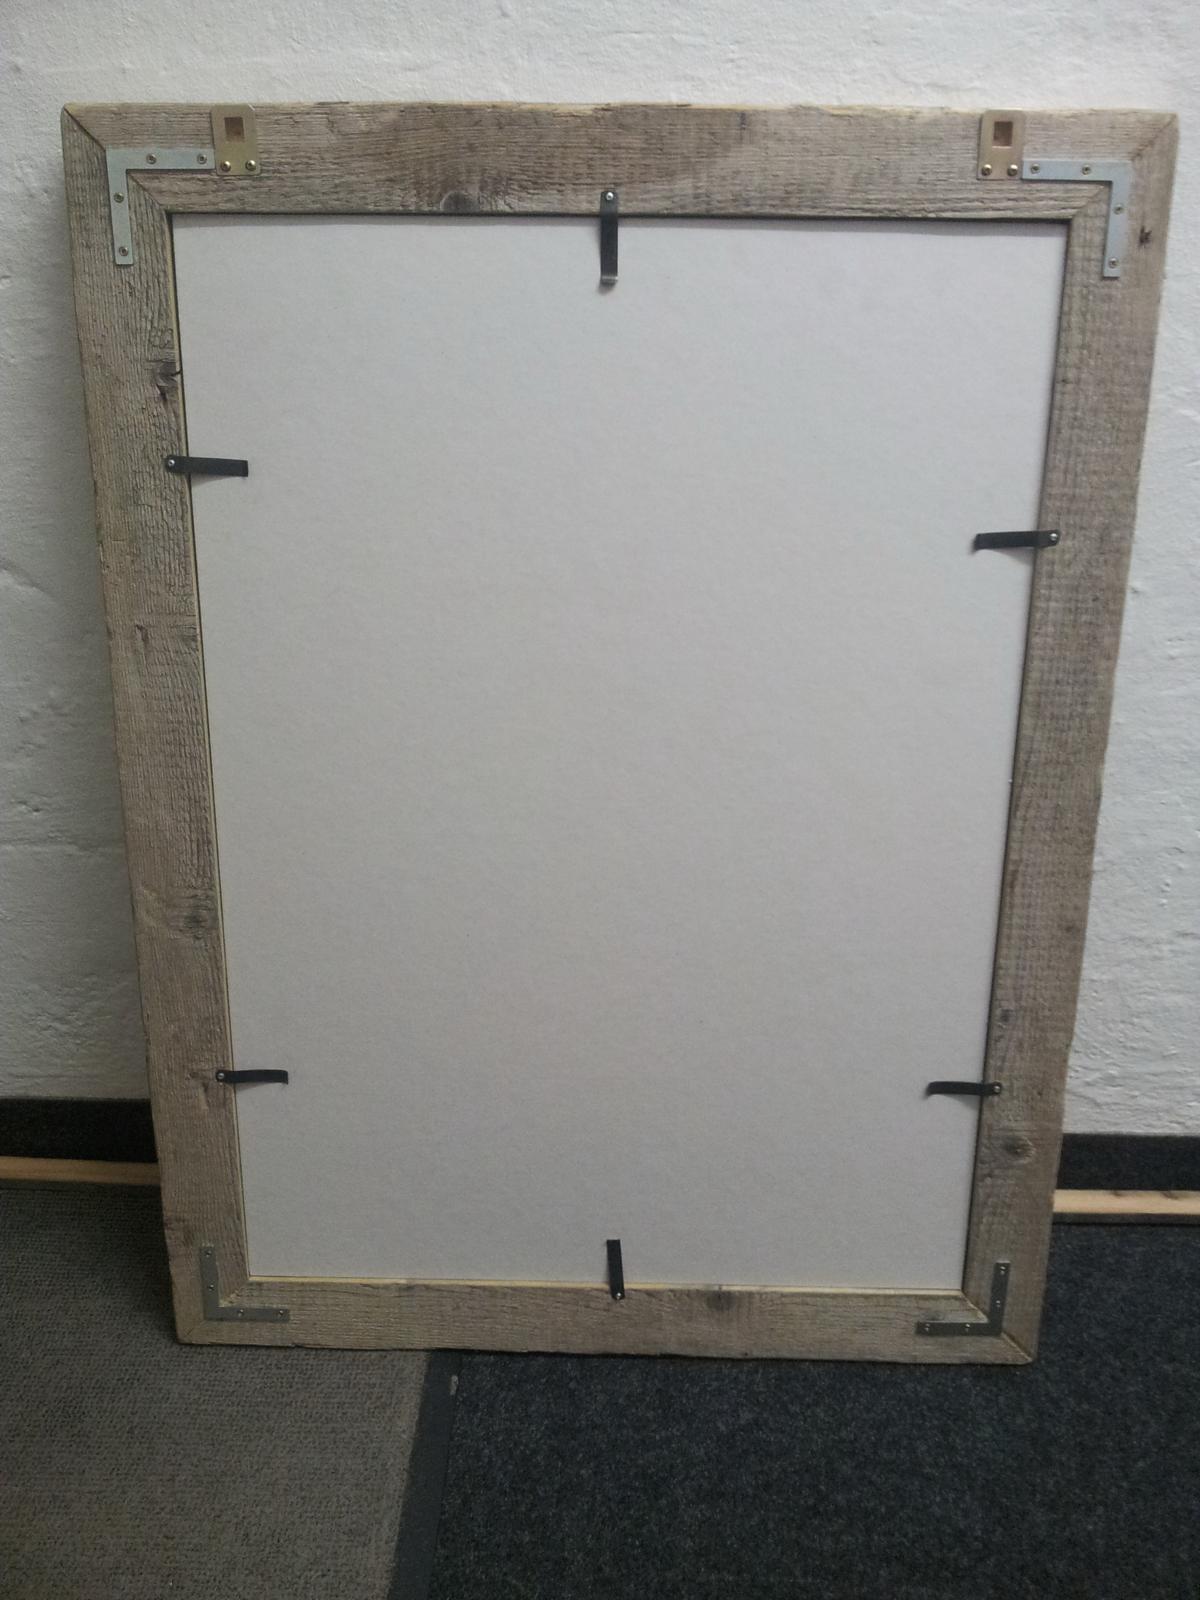 altholz spiegel online kaufen holz spiegel rustikal echtholz. Black Bedroom Furniture Sets. Home Design Ideas